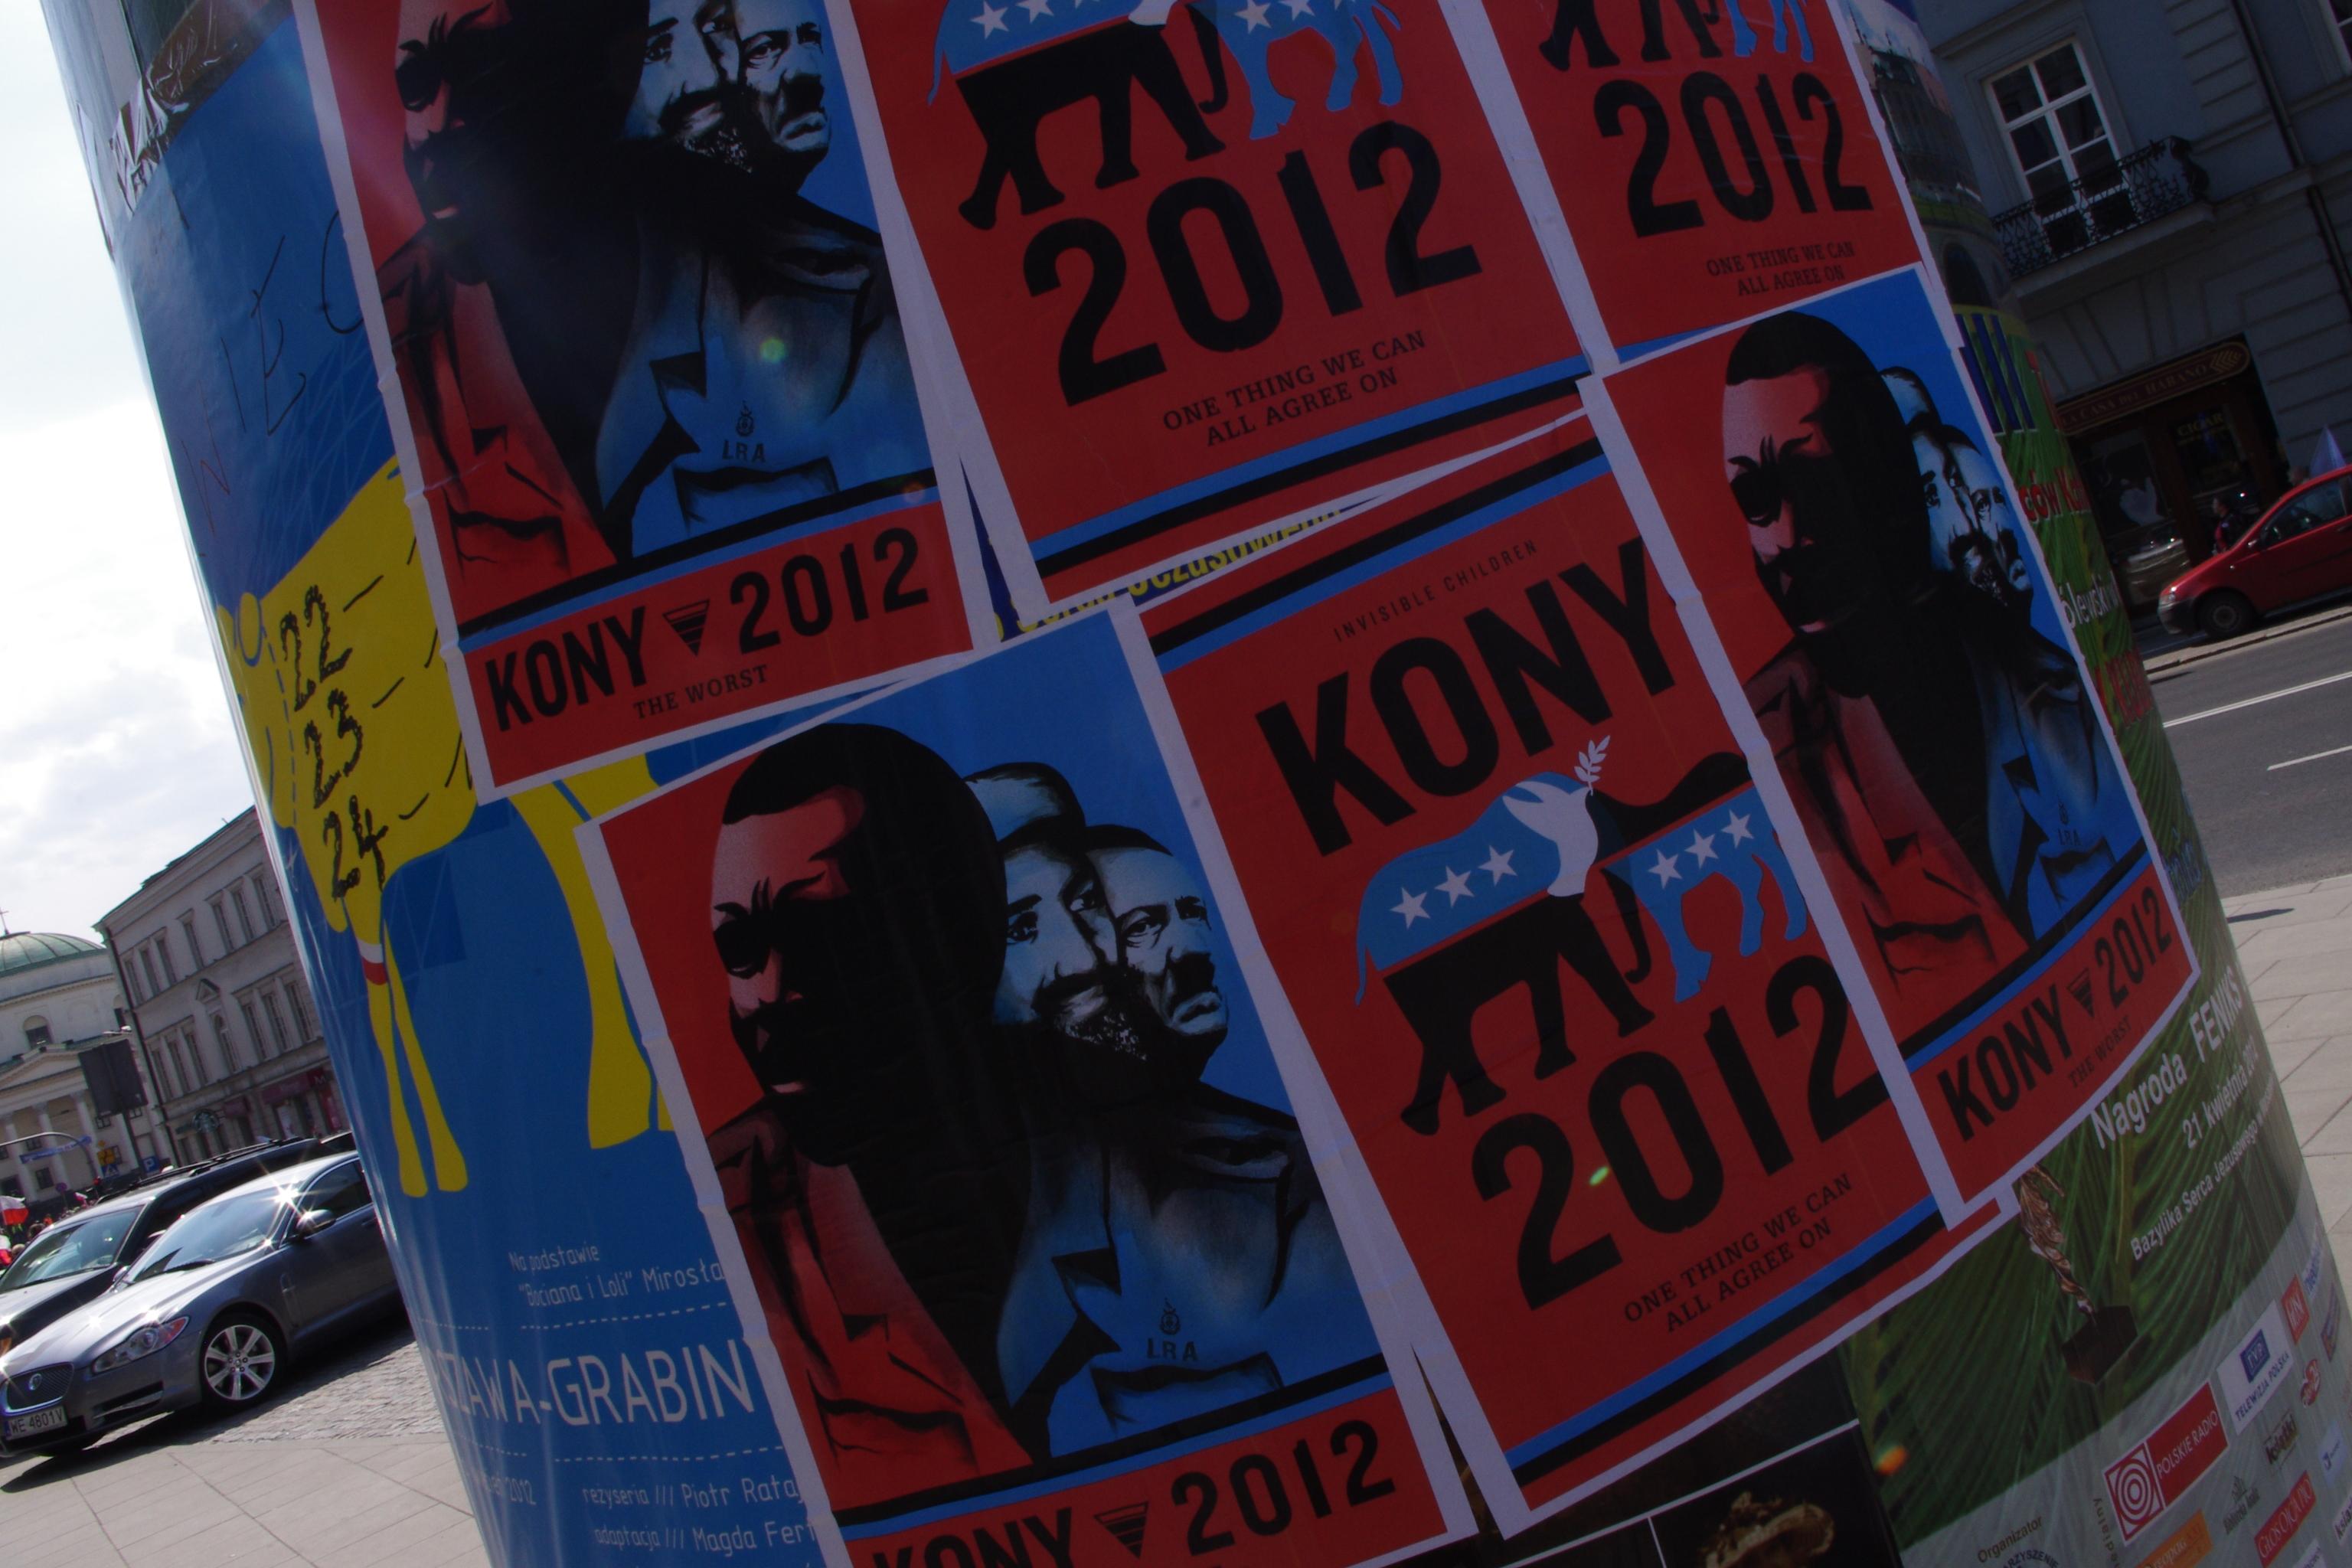 ملفplakat Akcji Kony 2012 Przy Pl Trzech Krzyży W